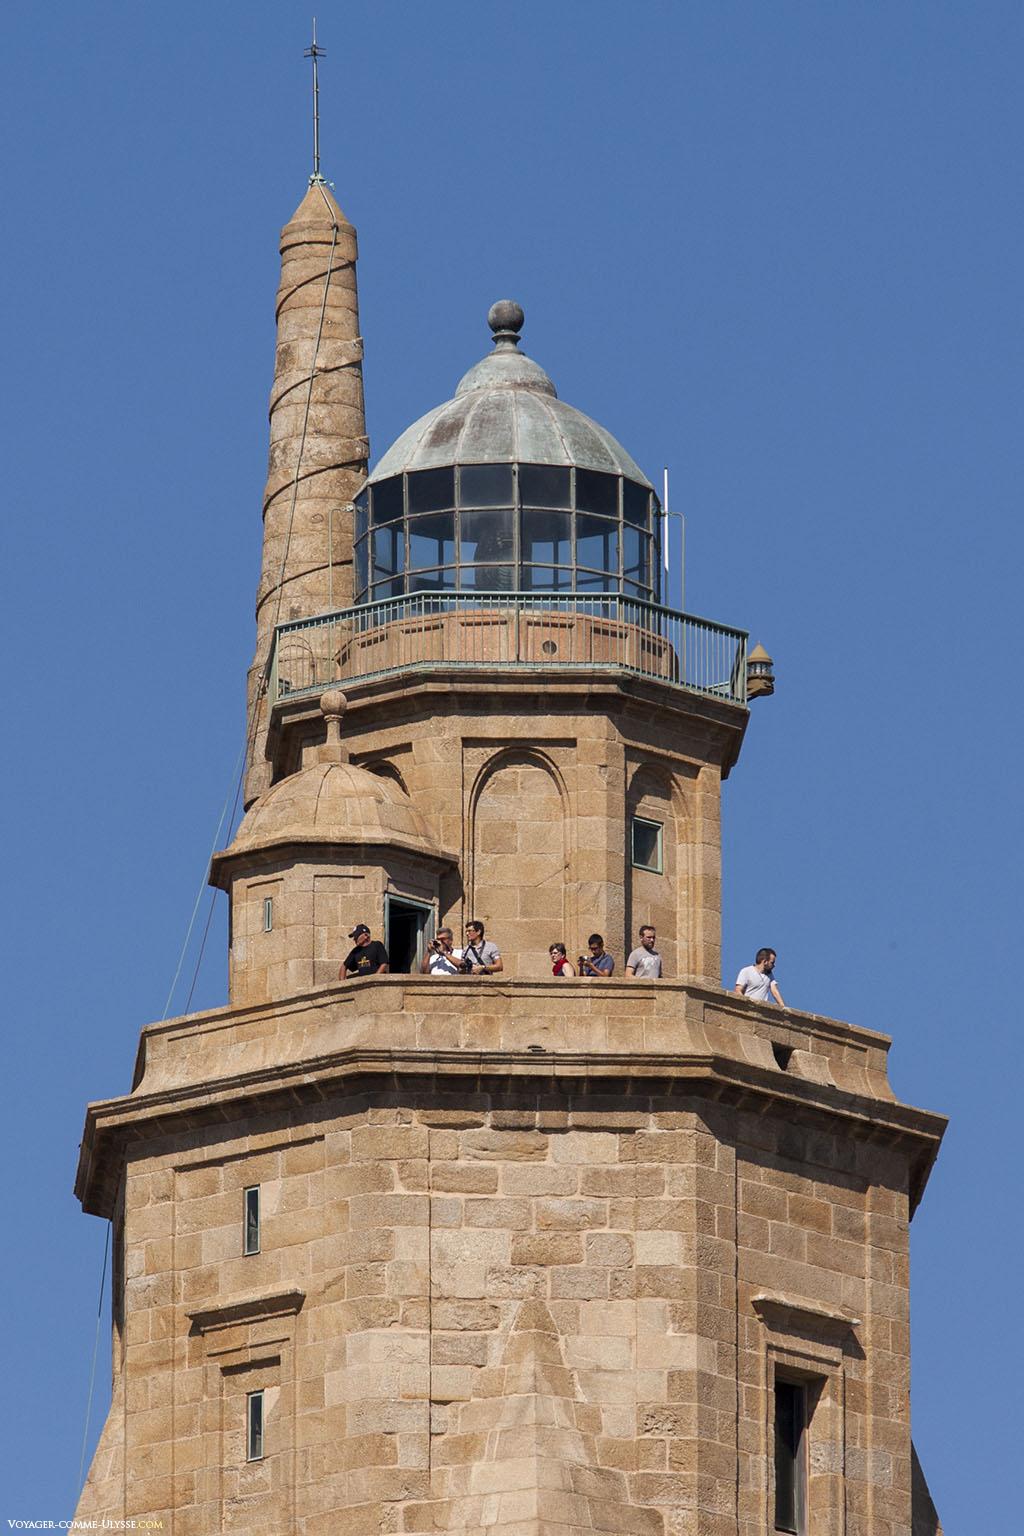 La lanterne et les plus petites tours qui la soutiennent. Rien de ceci n'est romain.